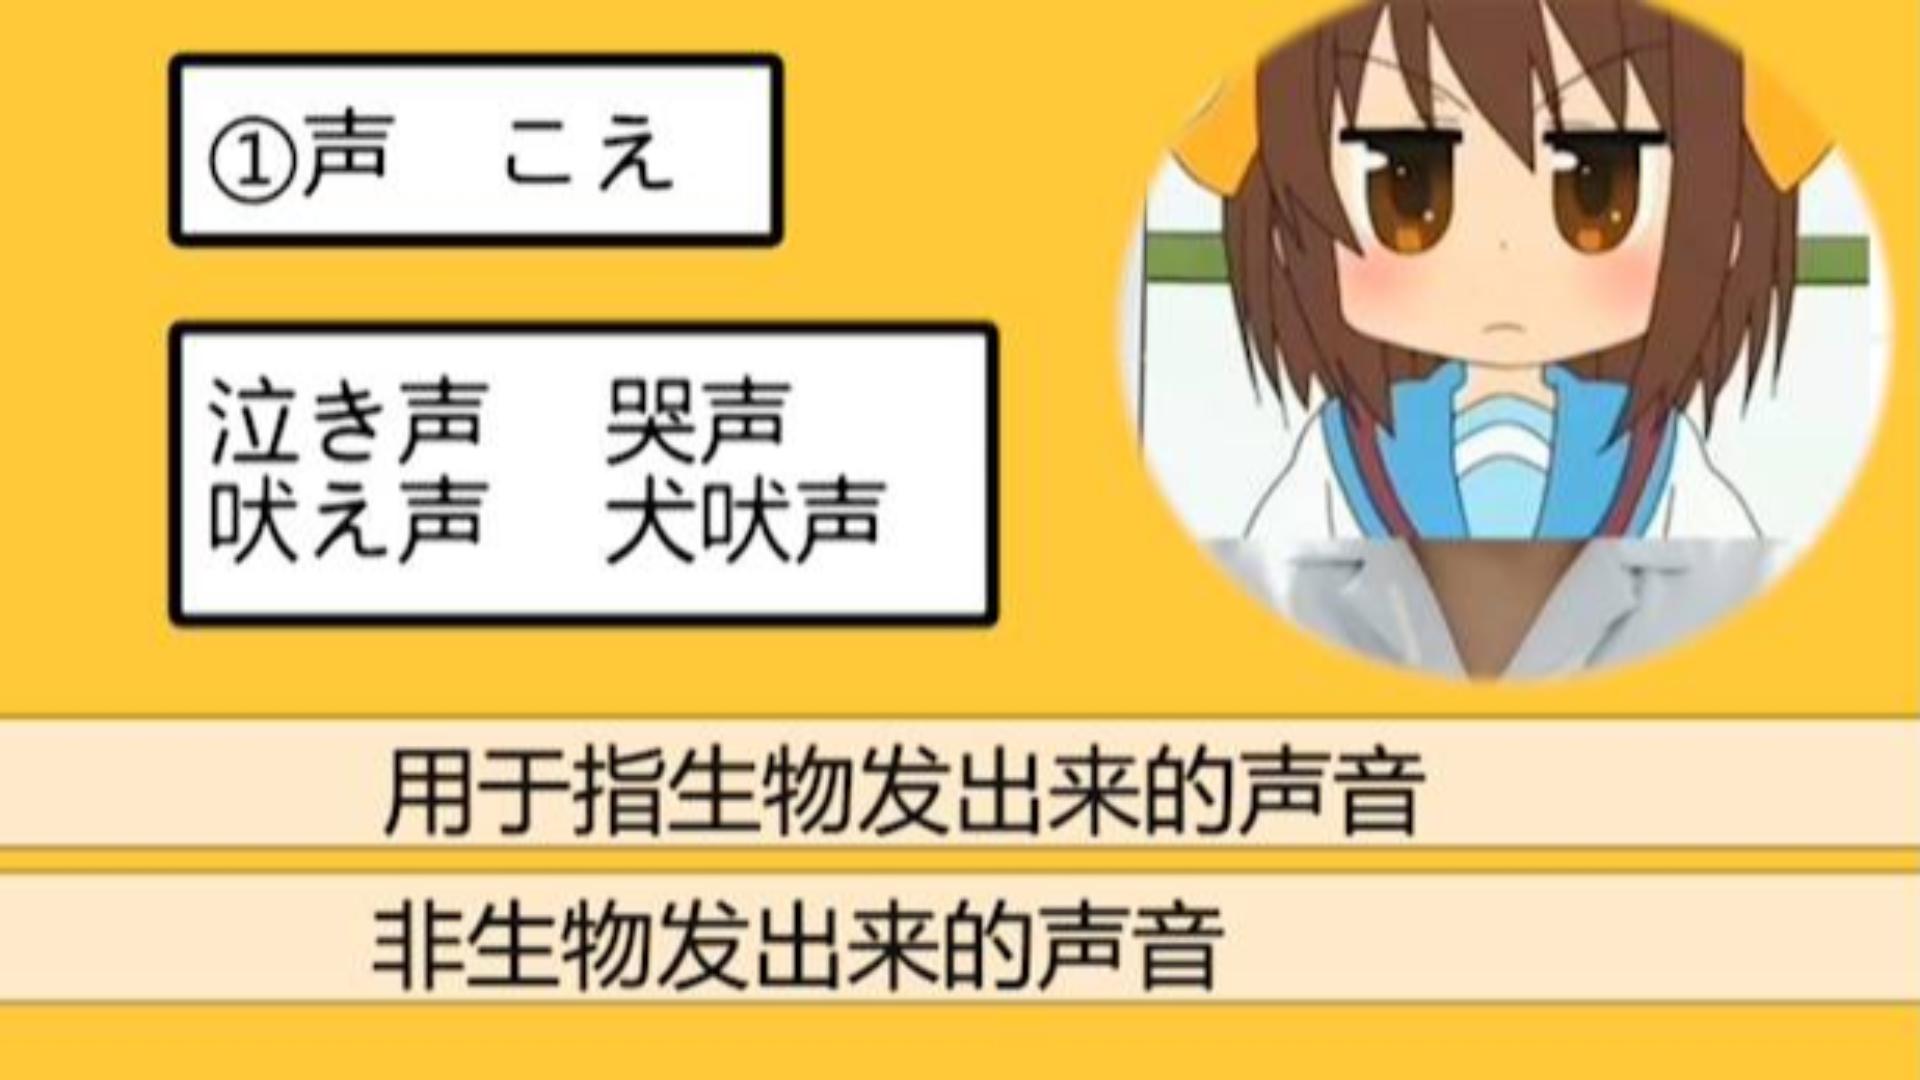 日语里三种表达声音的单词,こえ、おんせい、おと用法却相差很大